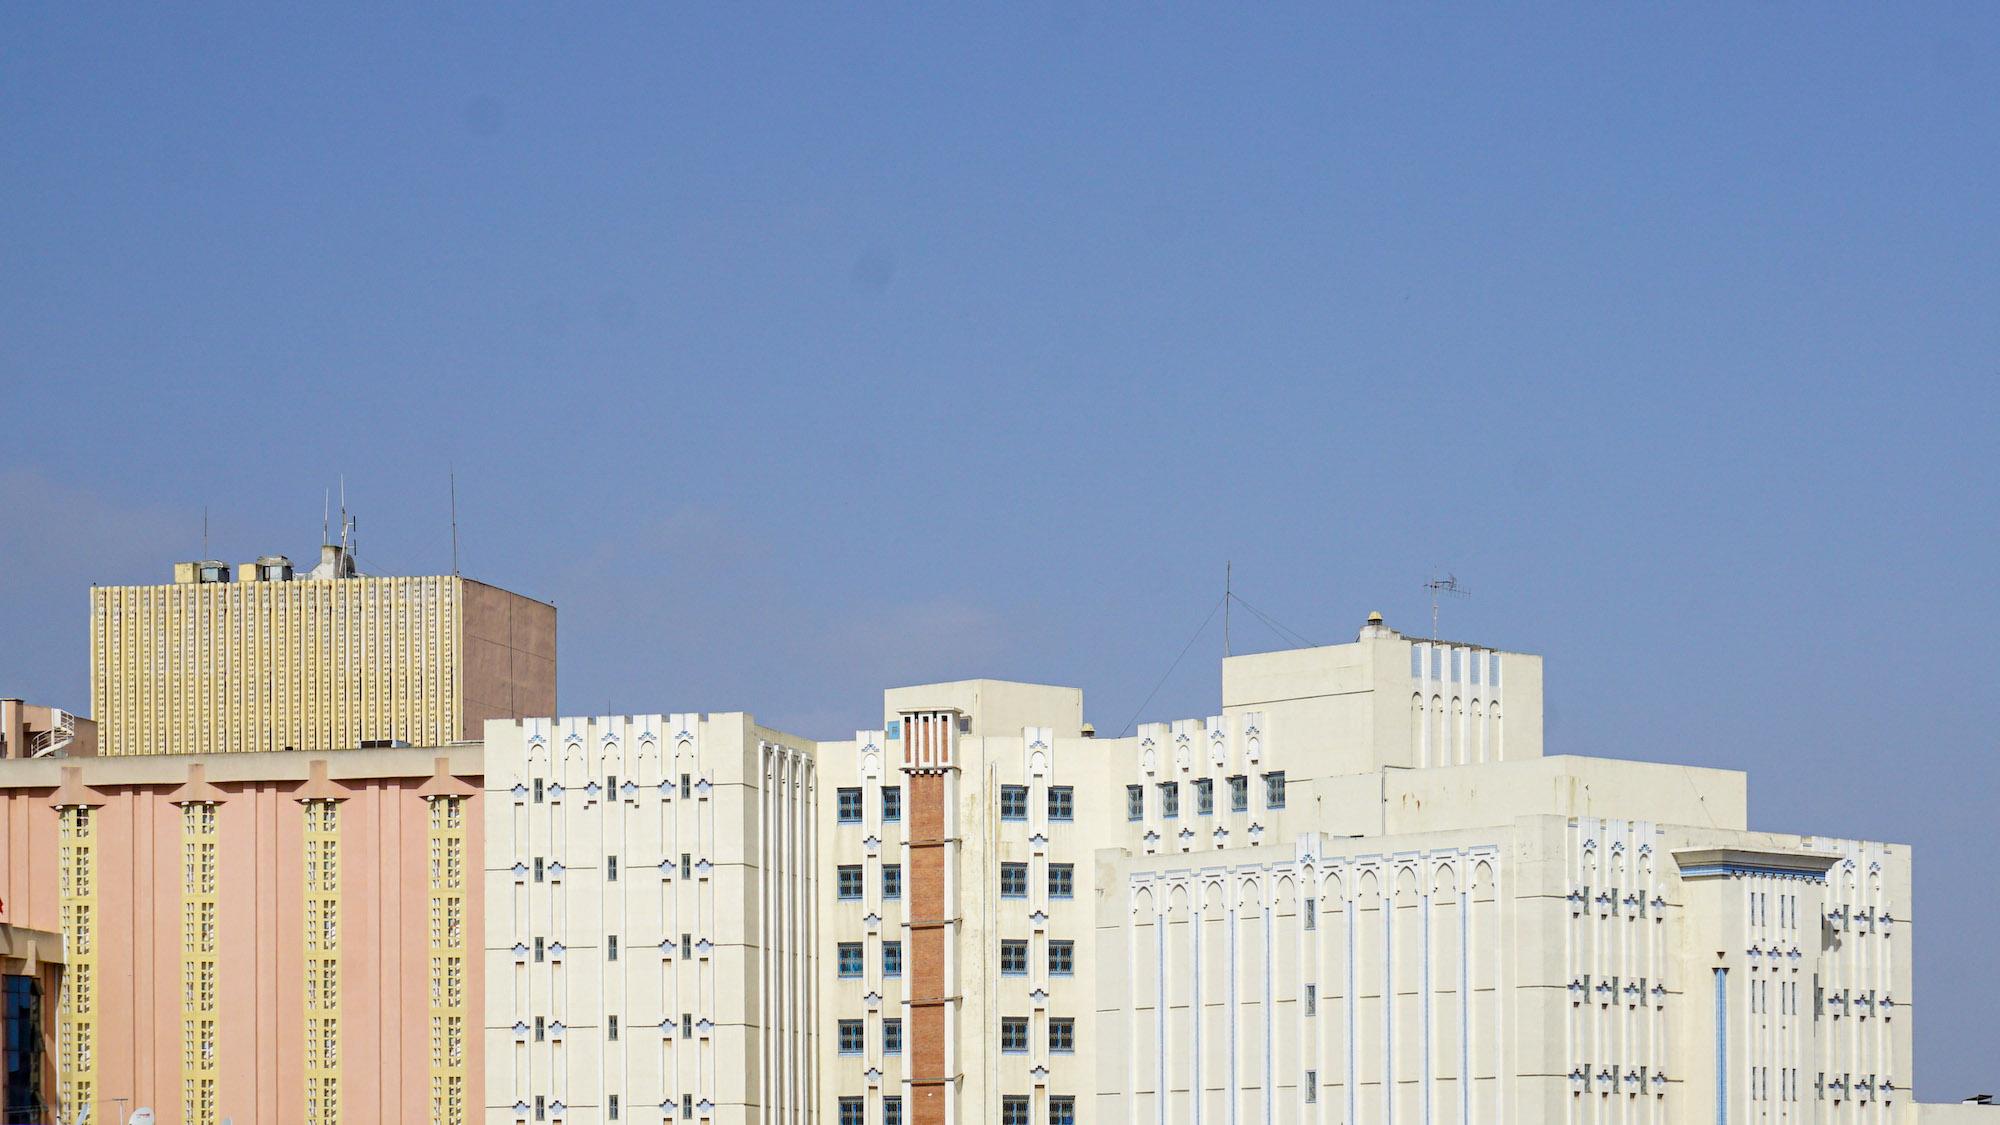 Verschiedene orientalisch wirkende Fassaden in Pastellfarben vor blauem Himmel